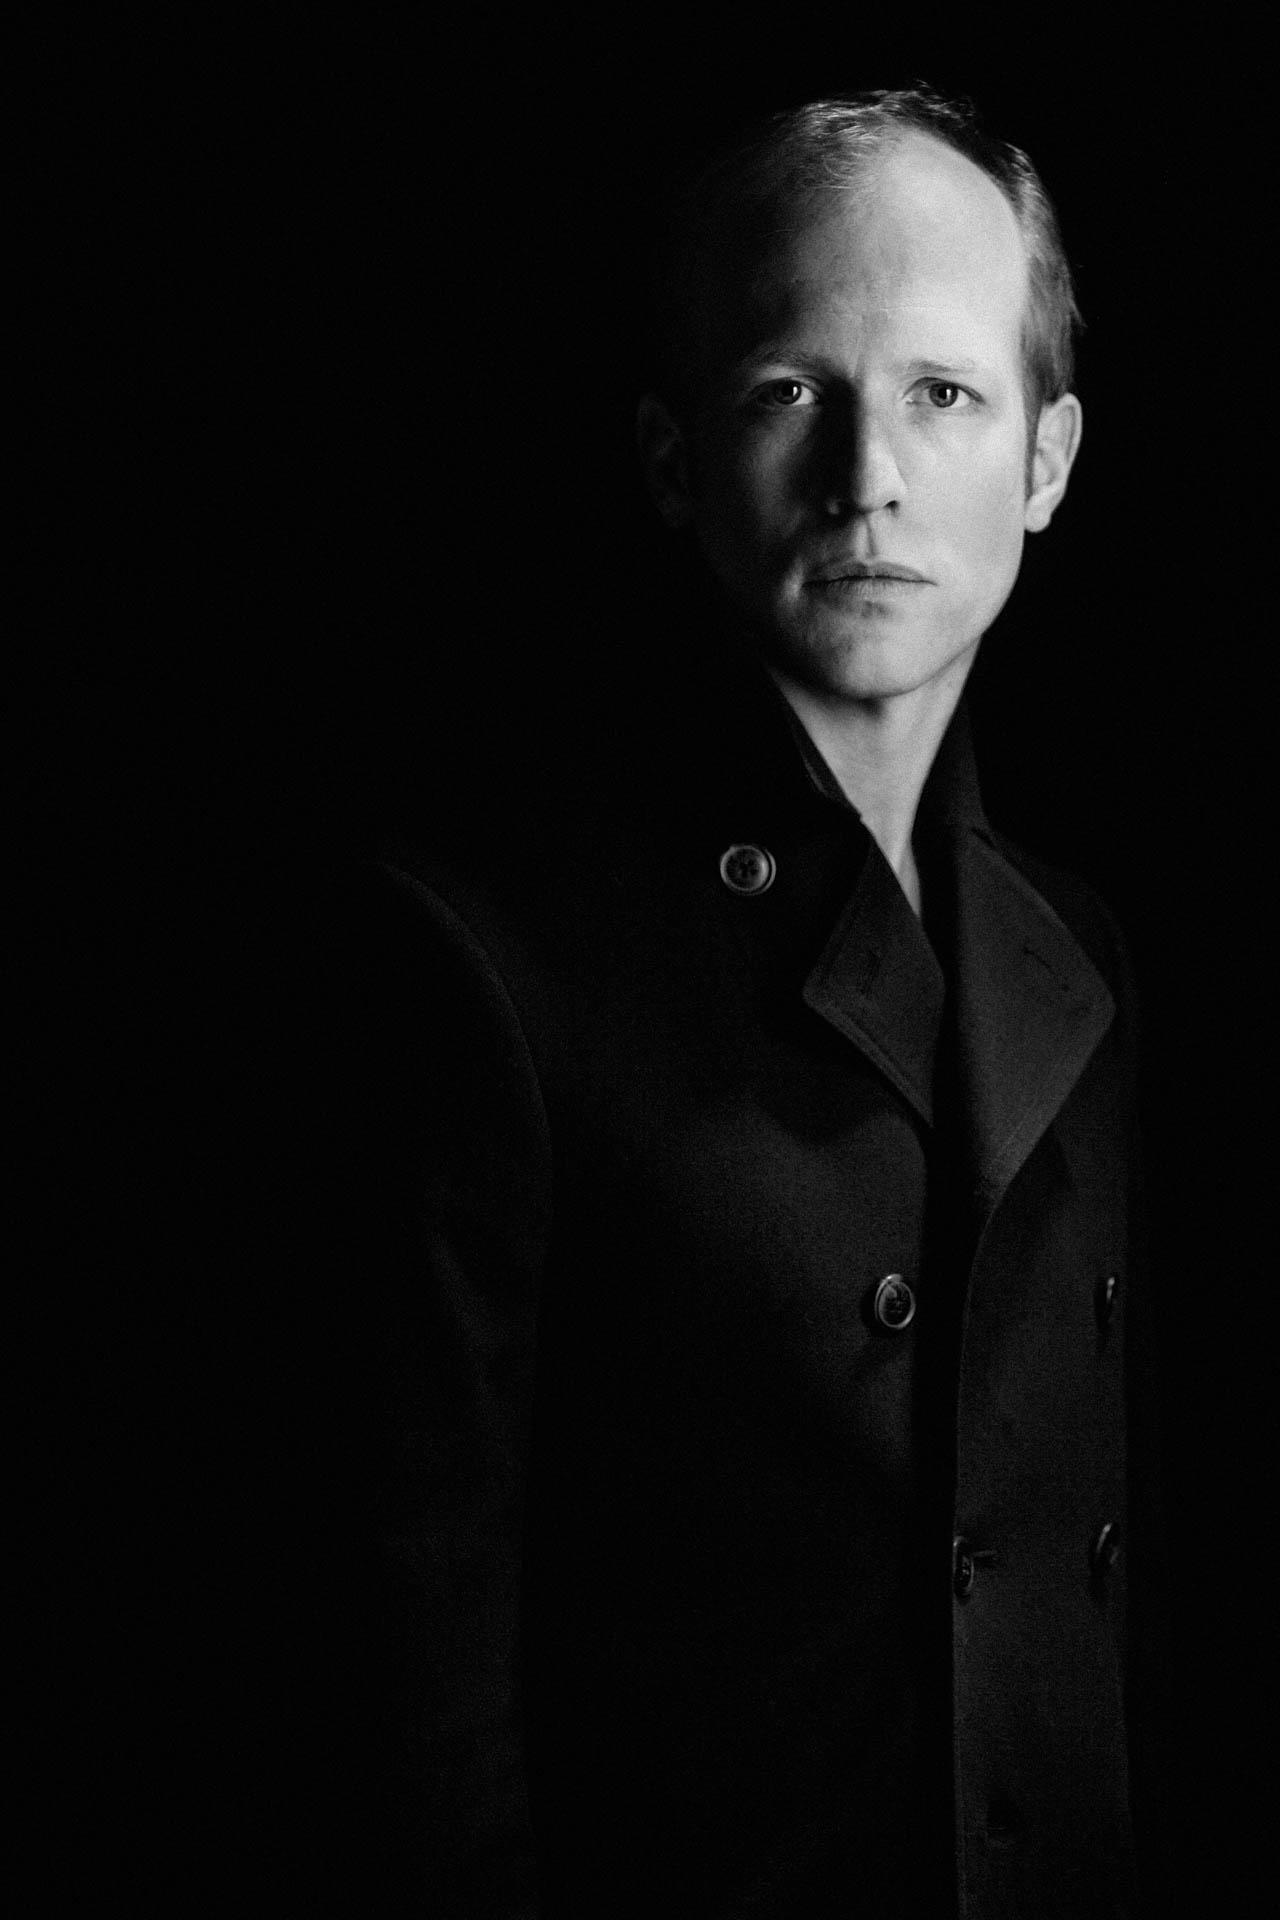 Portraits für das Albumcover des Musikers Georg Levin in Berlin